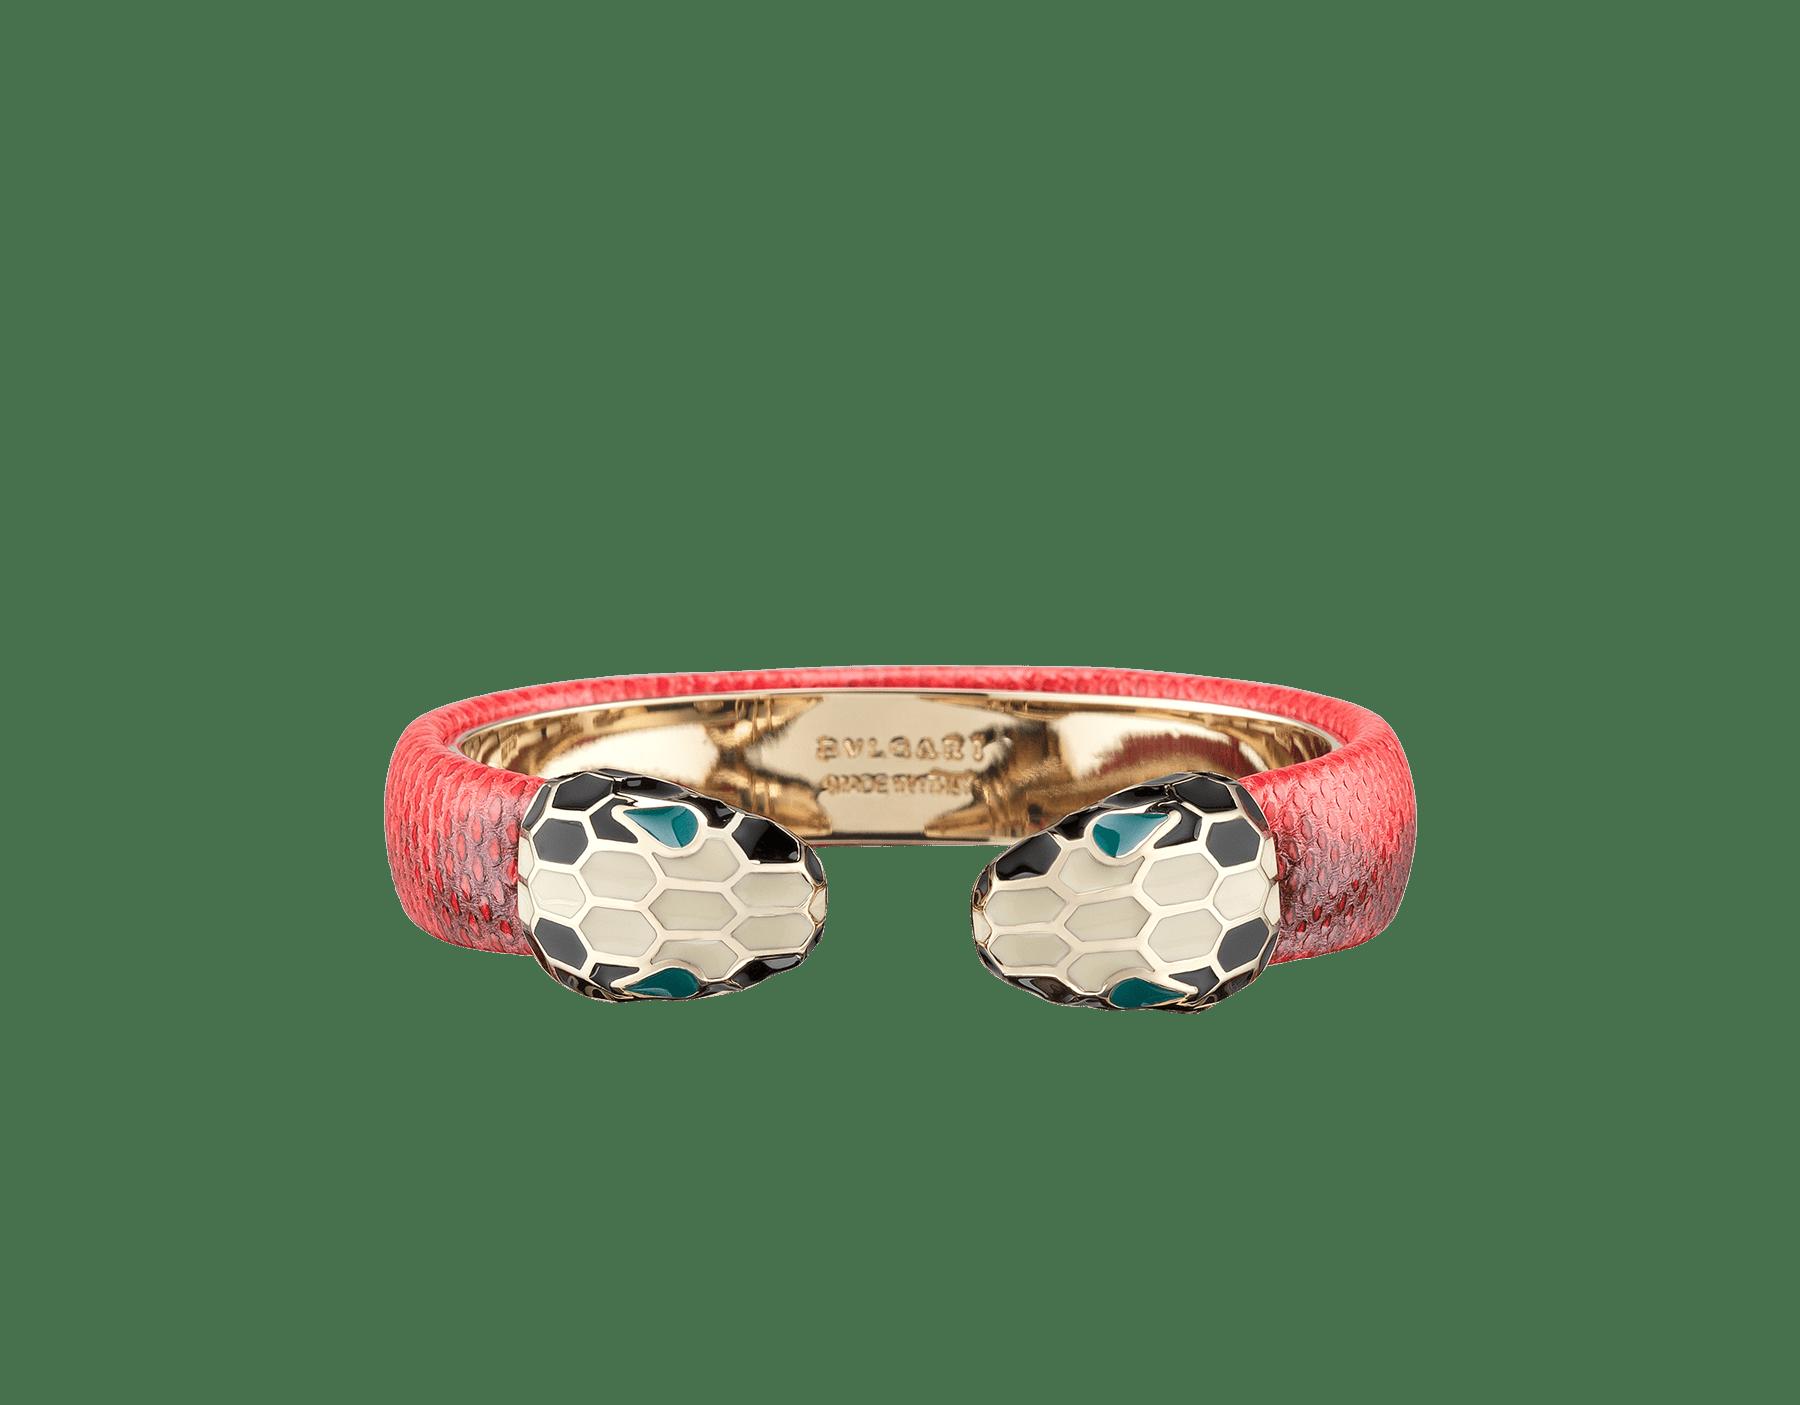 Bracelete Serpenti Forever em couro karung coral-estrela-do-mar brilhante com detalhes em metal banhado a ouro claro. Icônica decoração de cabeças de serpente opostas em esmalte preto e branco com olhos em esmalte verde. 288373 image 1